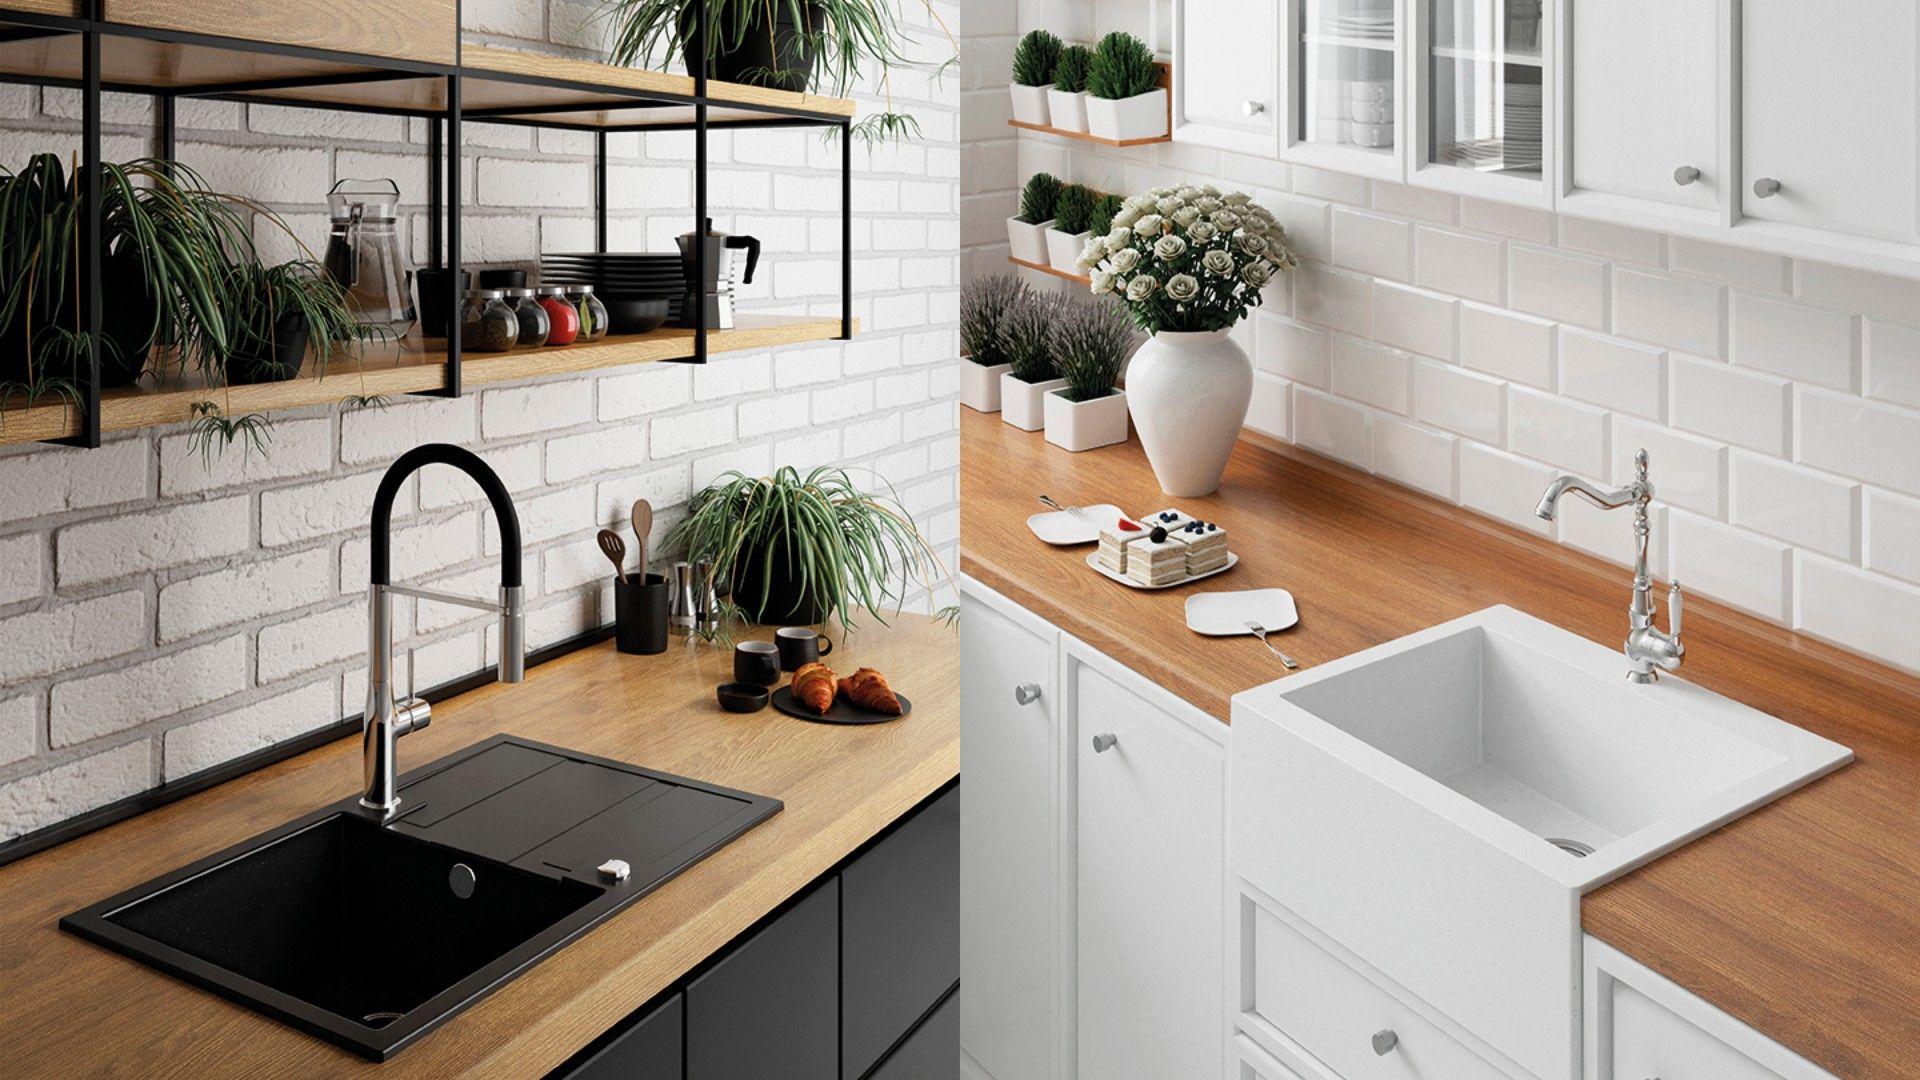 Aranżacja kuchni i łazienki: trendy 2020. Fot. Laveo